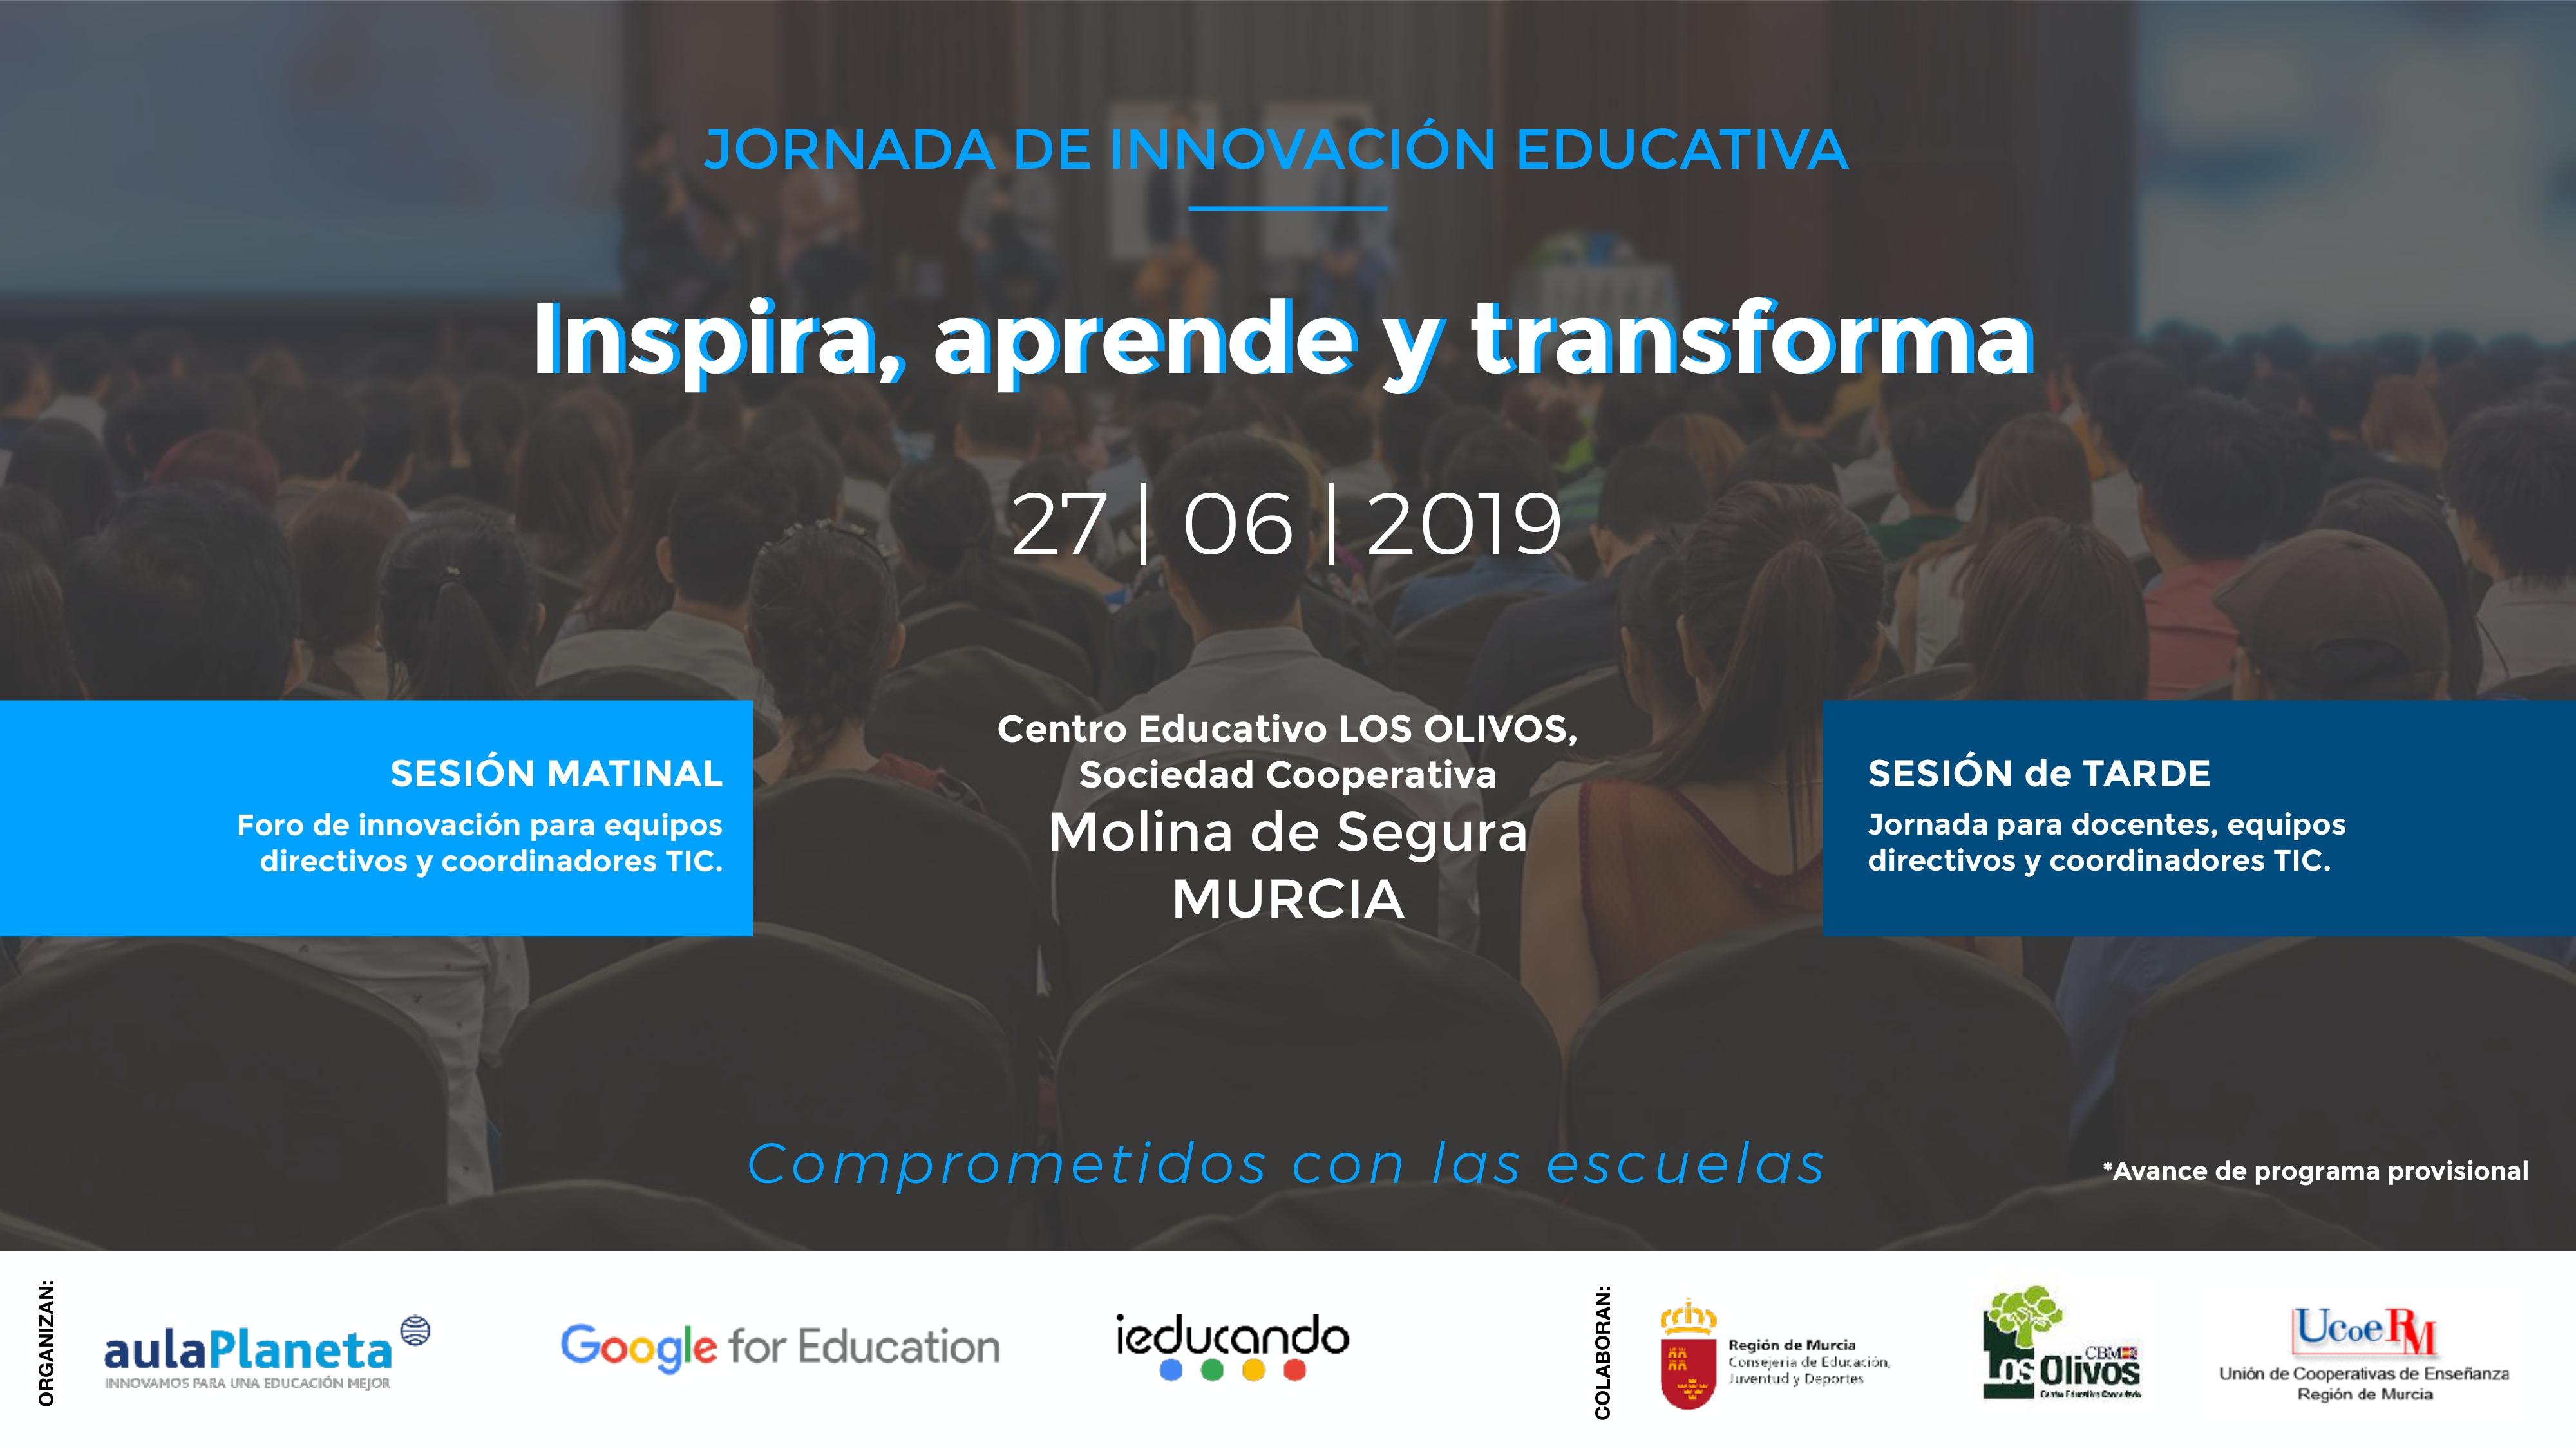 Inspira, aprende y transforma @ Centro Educativo Los Olivos